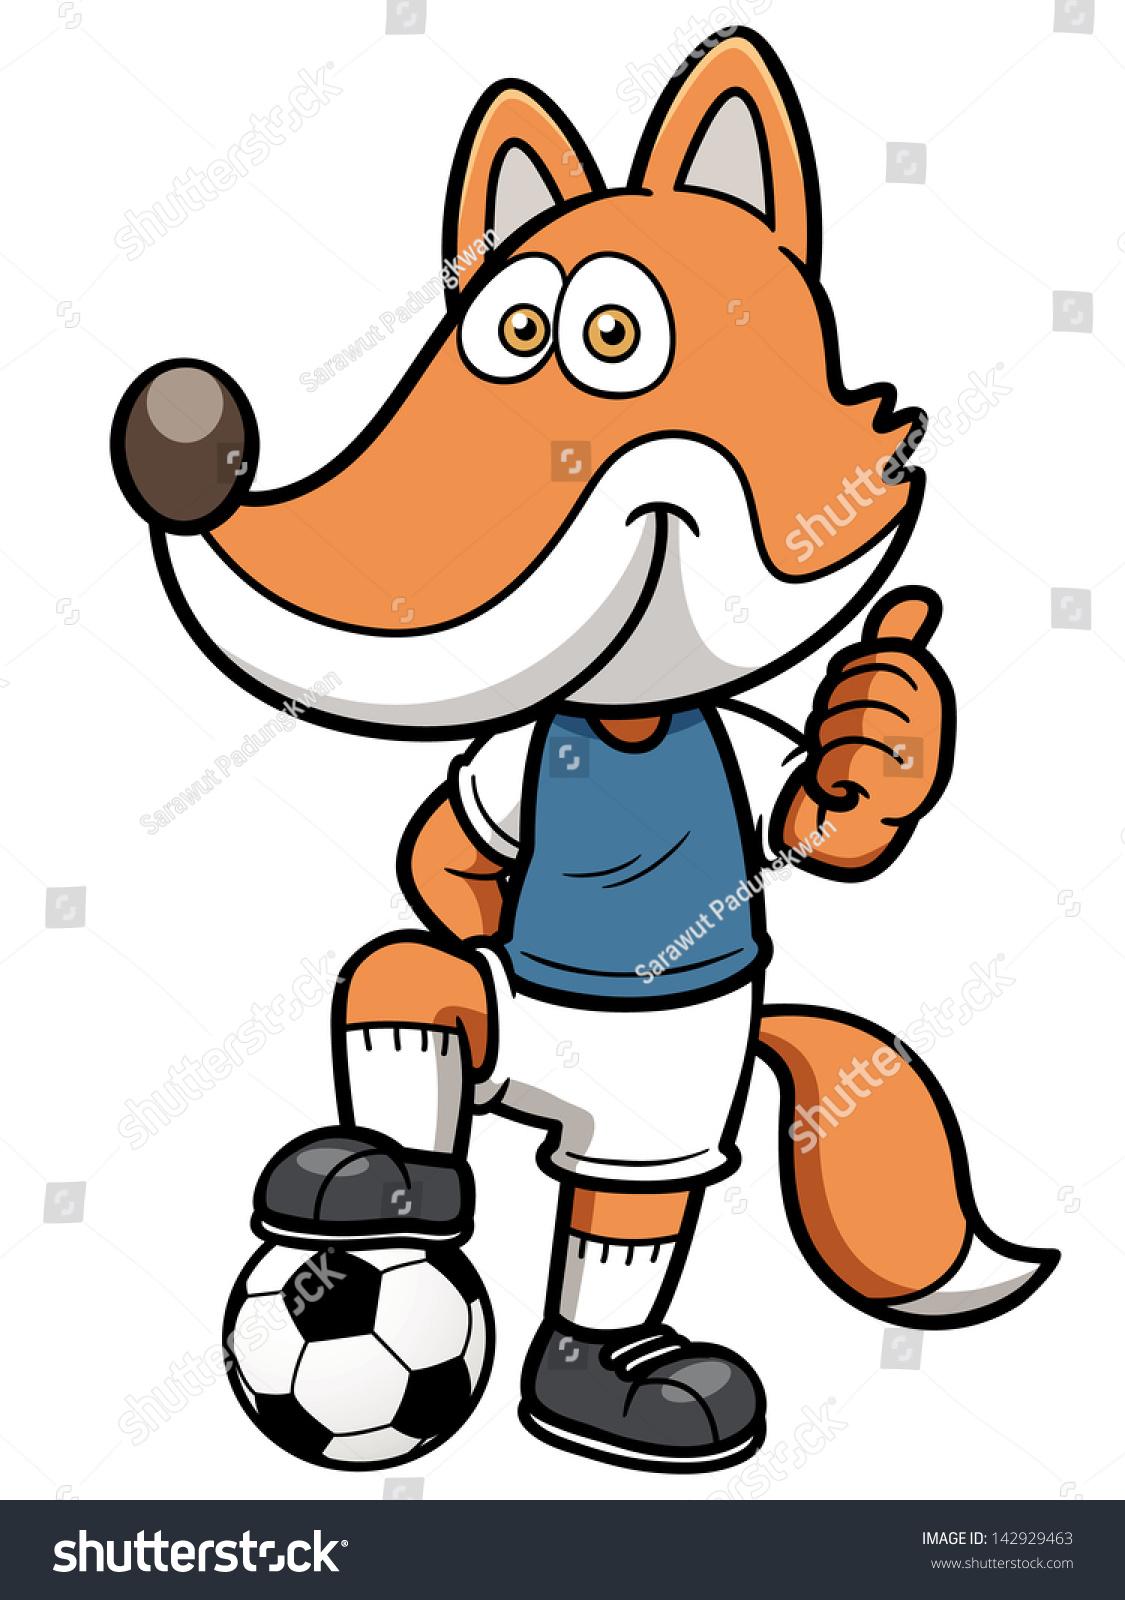 微信 创意 头像 足球明星